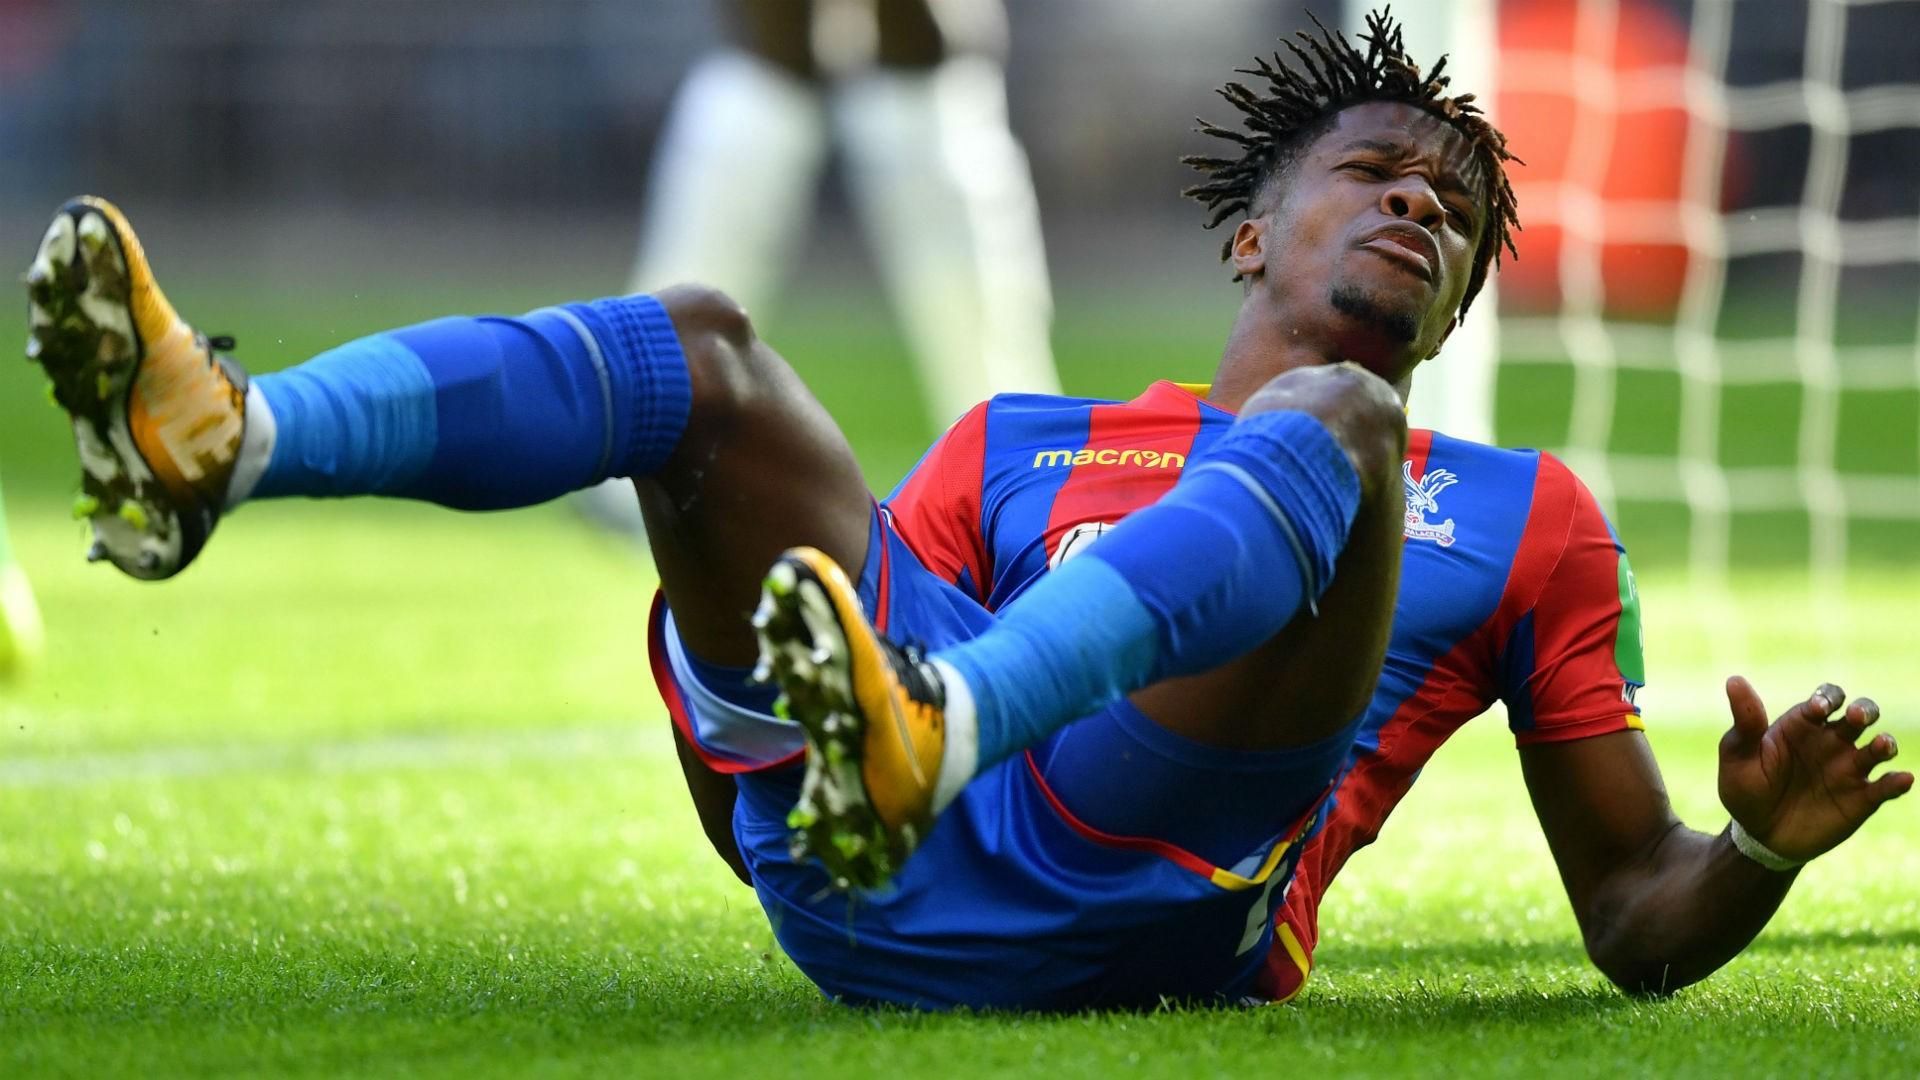 水晶宫再添新伤员,扎哈膝盖受伤预计缺阵四周比赛